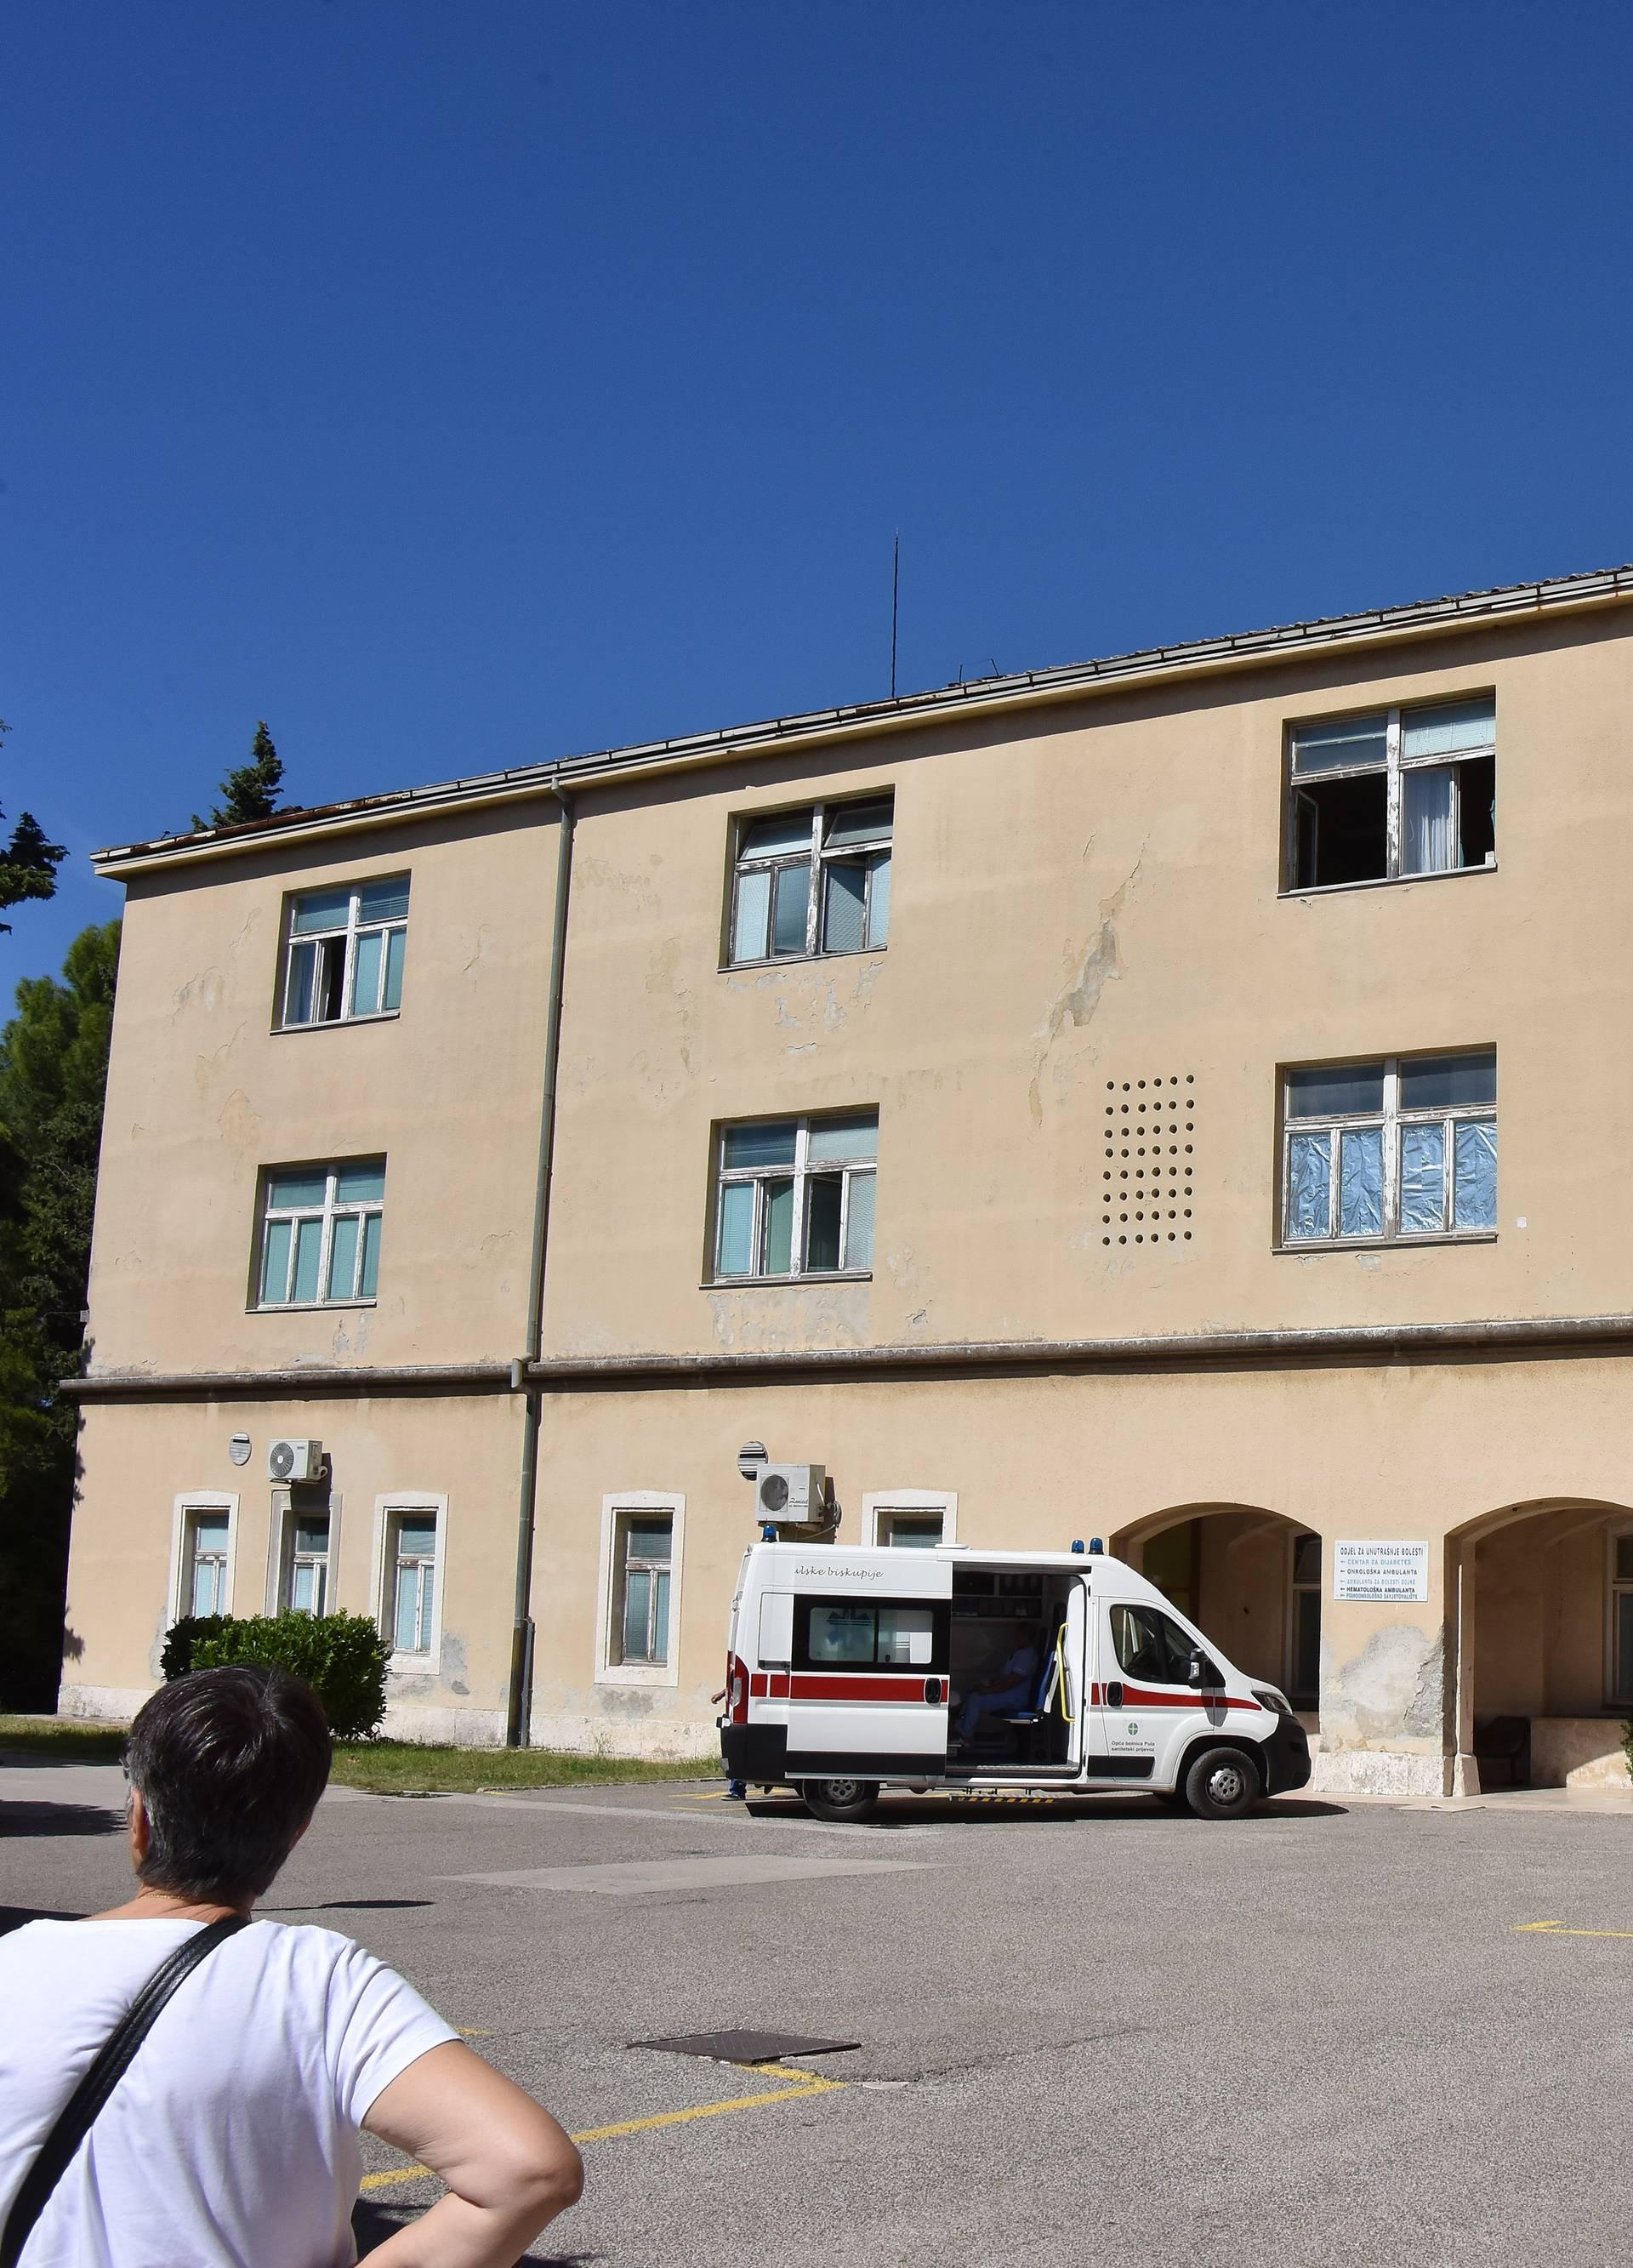 Proširila se zaraza: Od šuge je oboljelo osoblje i pet pacijenata